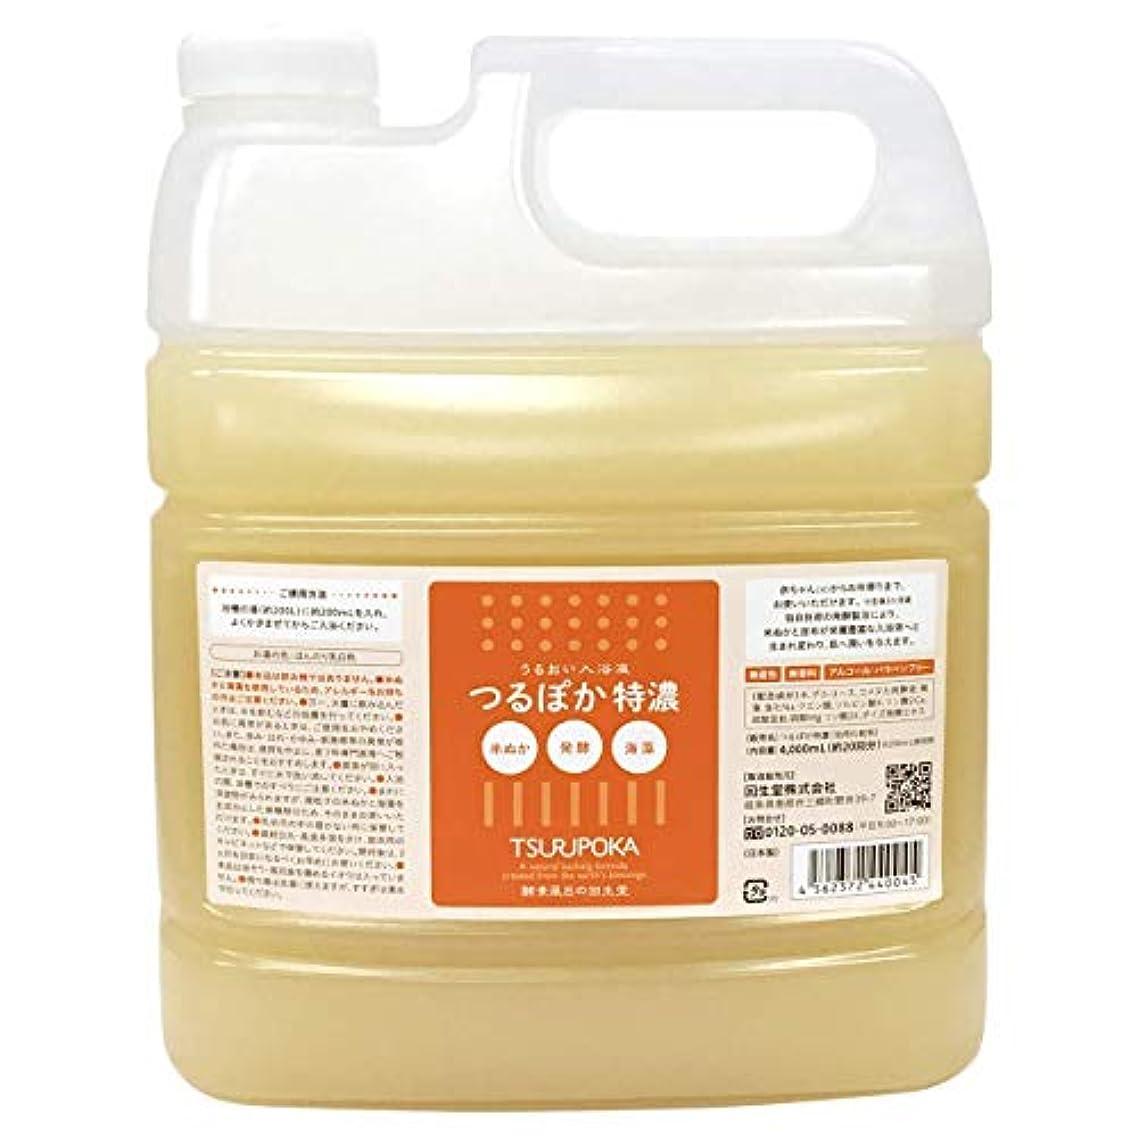 医療過誤文言渇き「自宅で簡単酵素風呂」つるぽか特濃 国産の米ぬかと昆布を発酵させた自然派酵素入浴液 約20回分(1回200mL使用)うるおい しっとり 保湿 冷え性 発汗 温活 入浴剤 全身美容